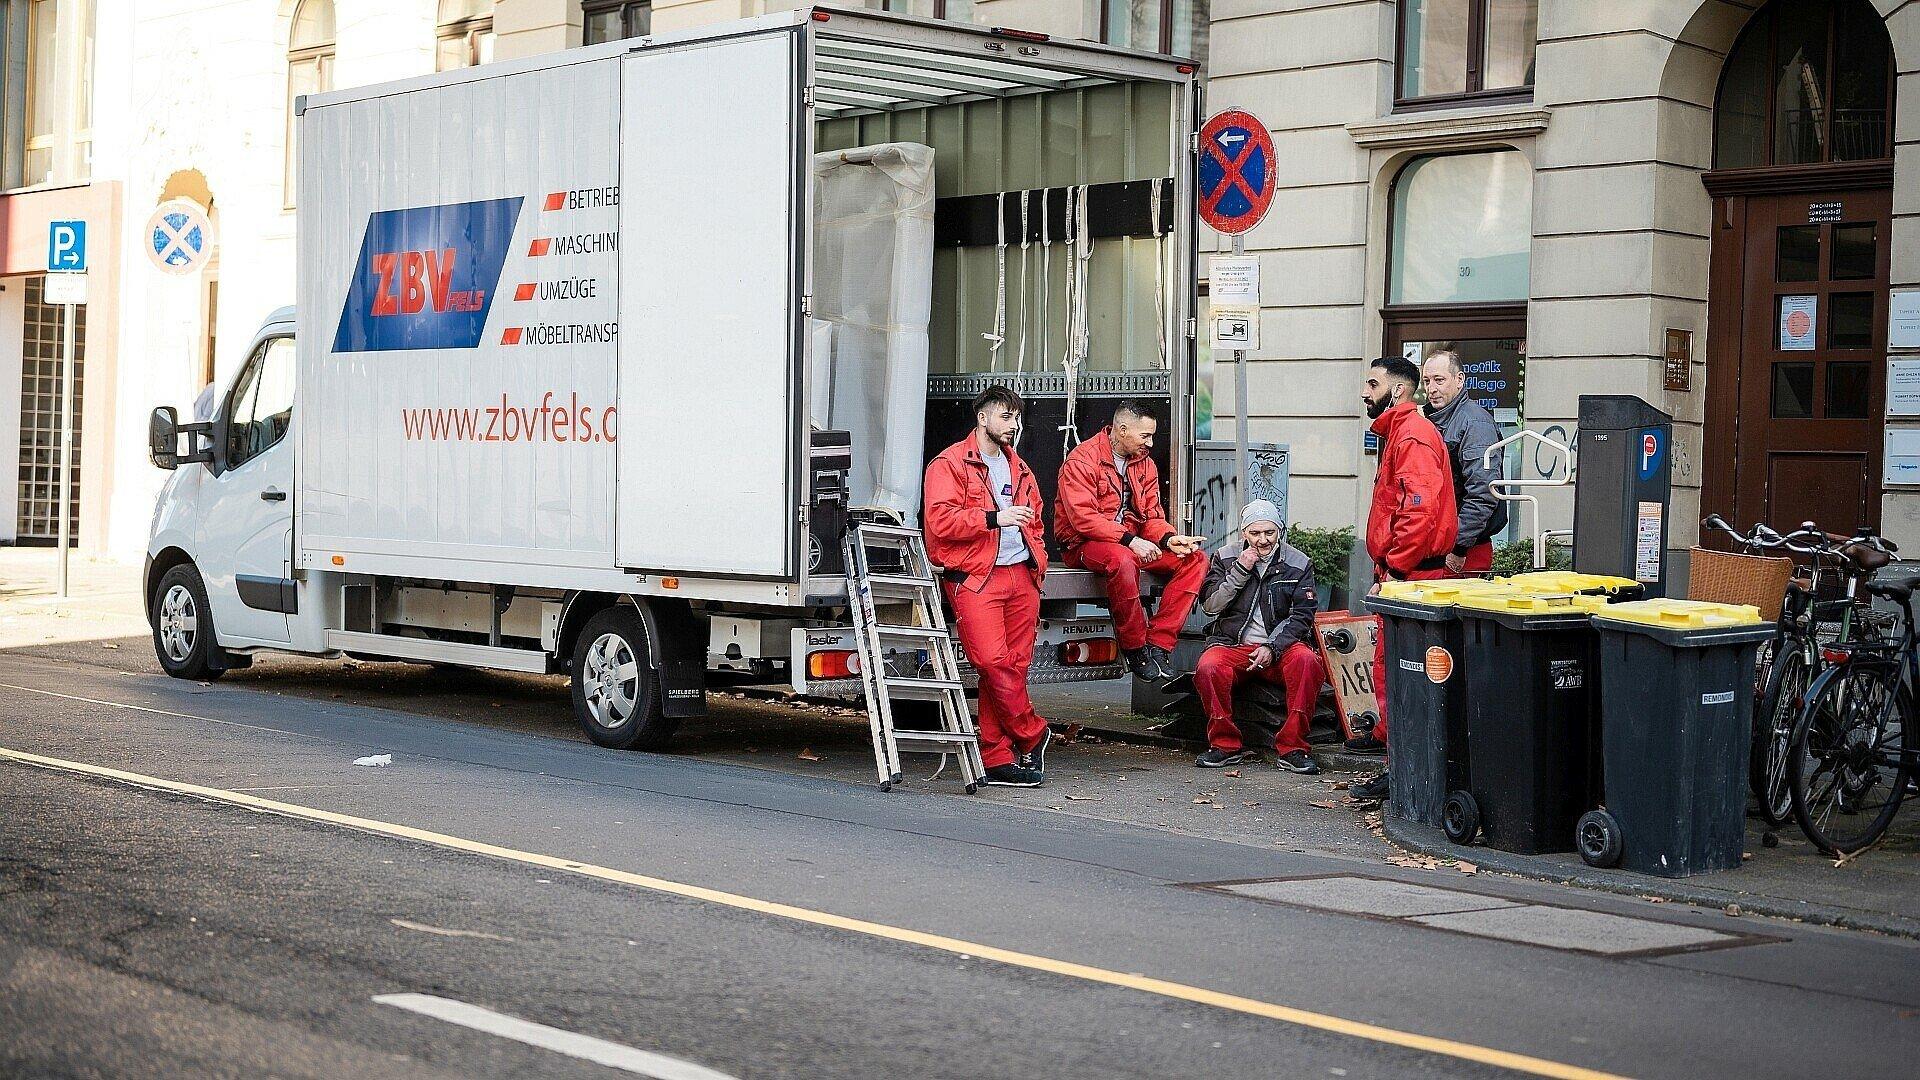 Umzugswagen ZBV Fels und Umzugshelfer